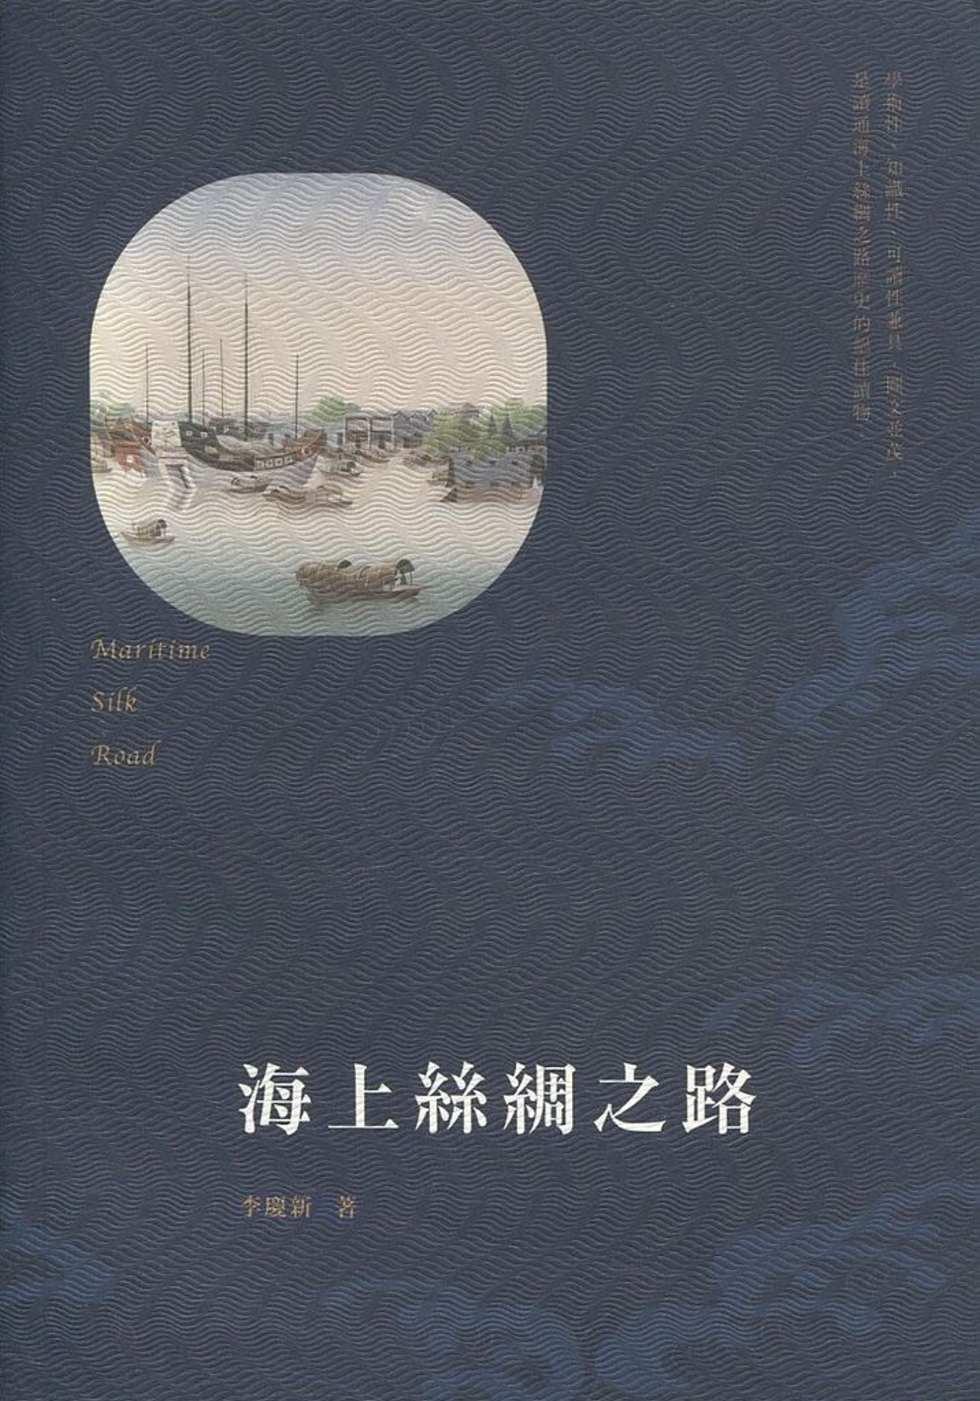 海上絲綢之路